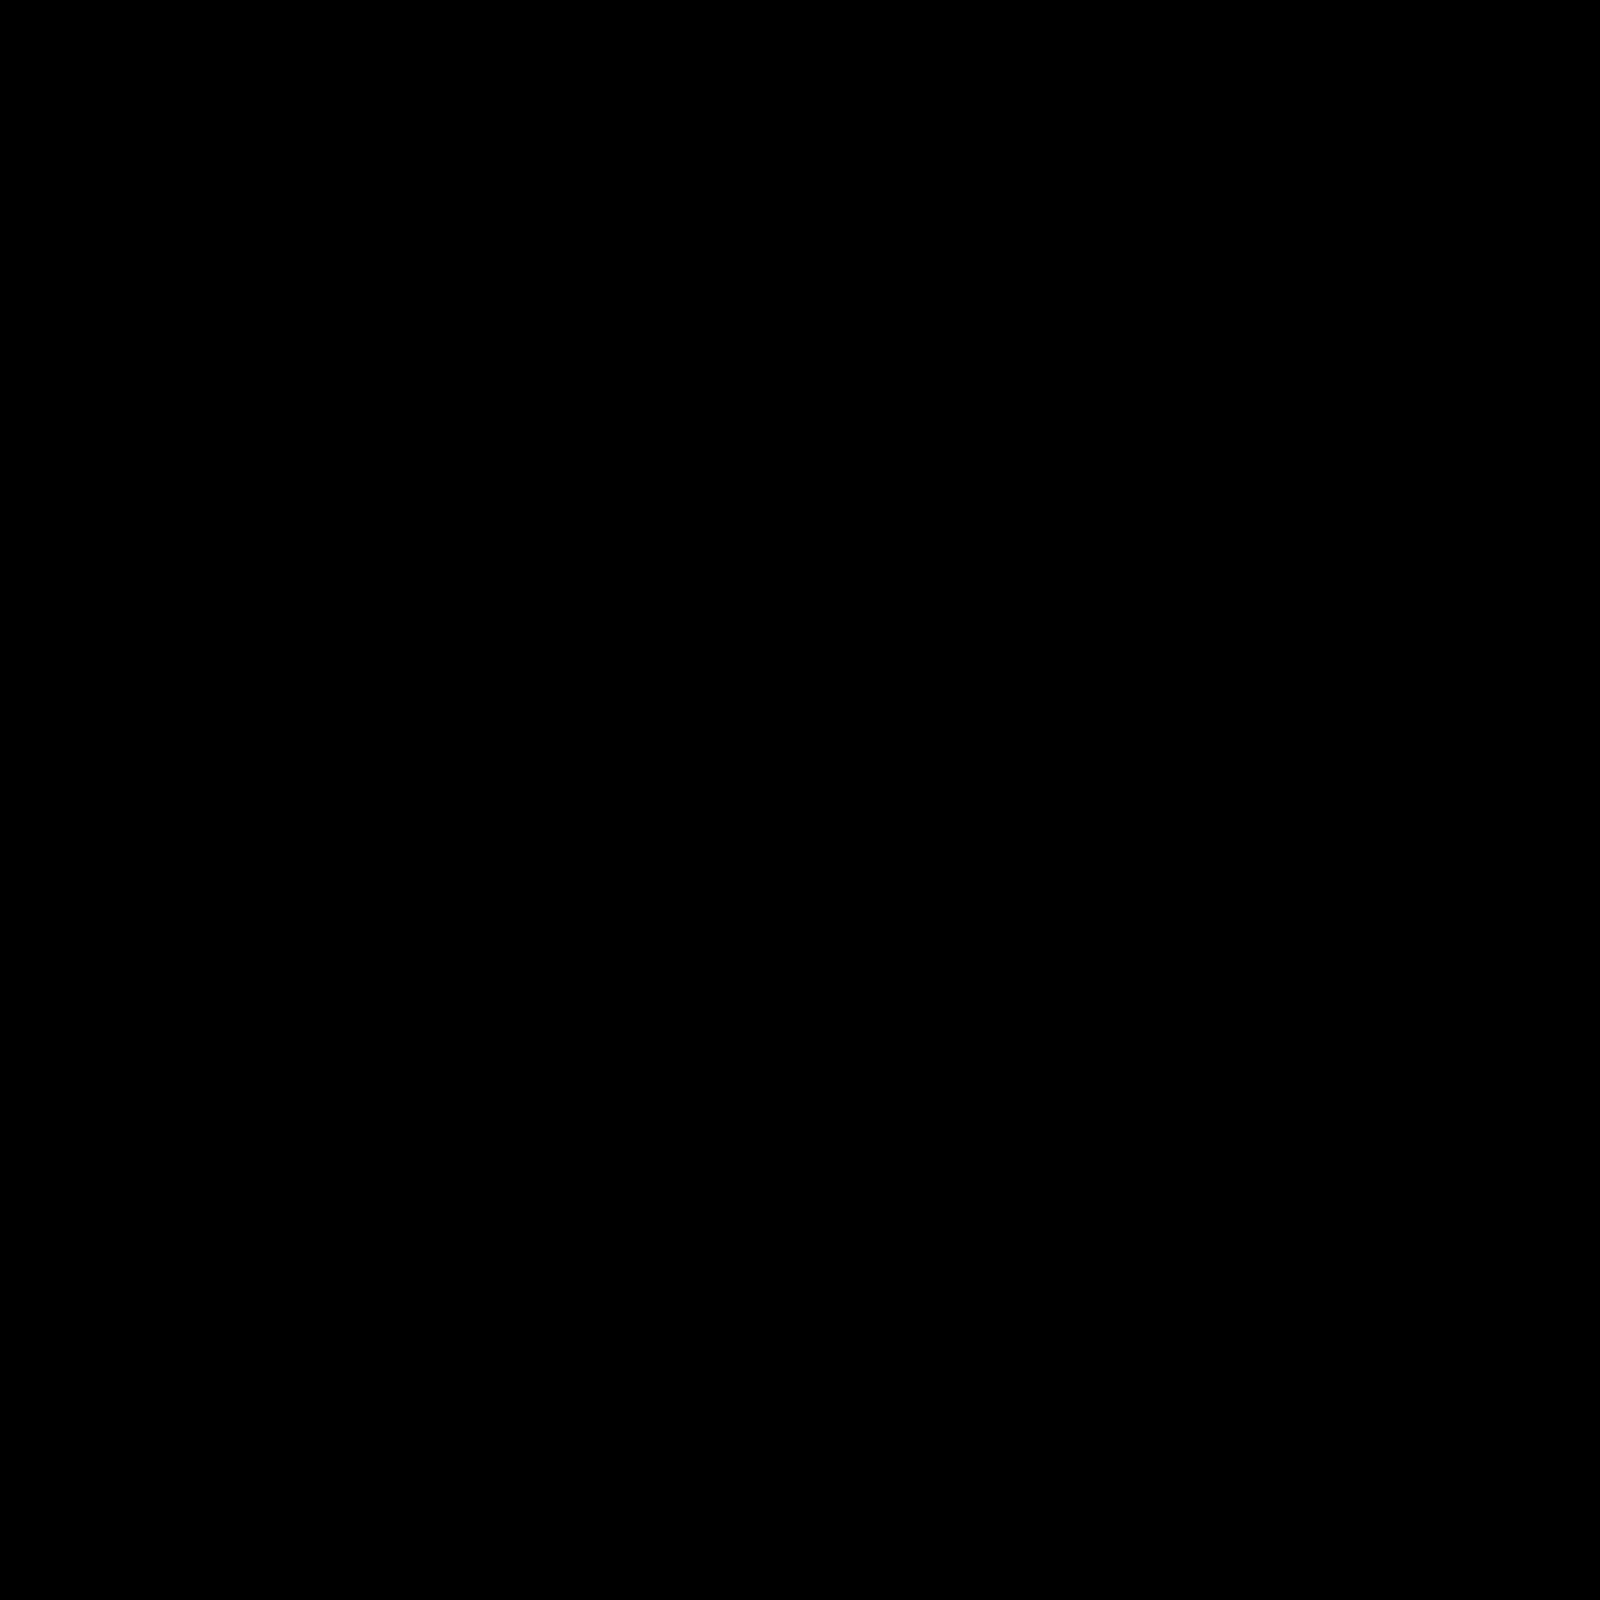 Hawkeye Symbol icon